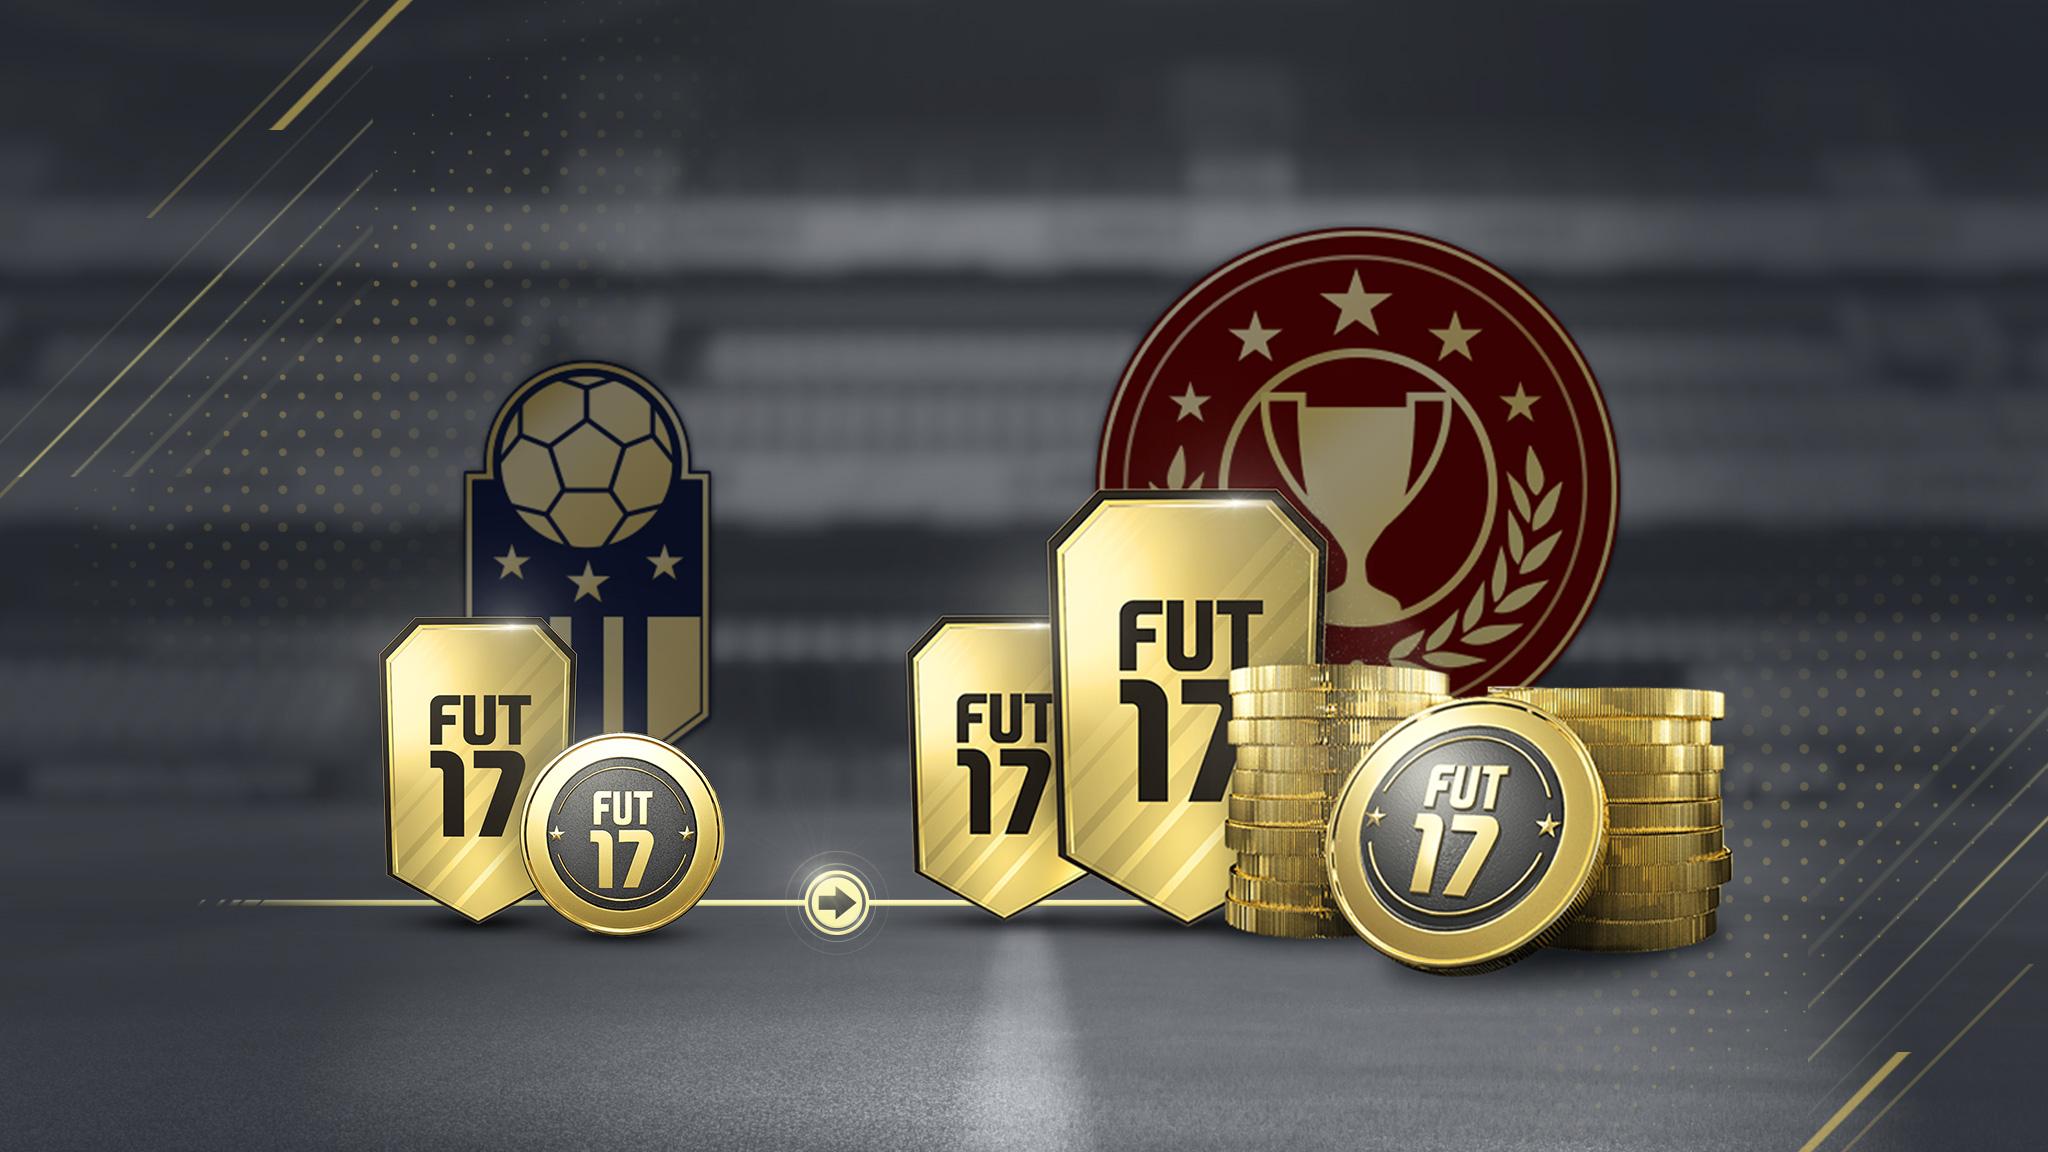 FIFA 19: Münzen kaufen ist nicht legal! – Diese Strafen drohen